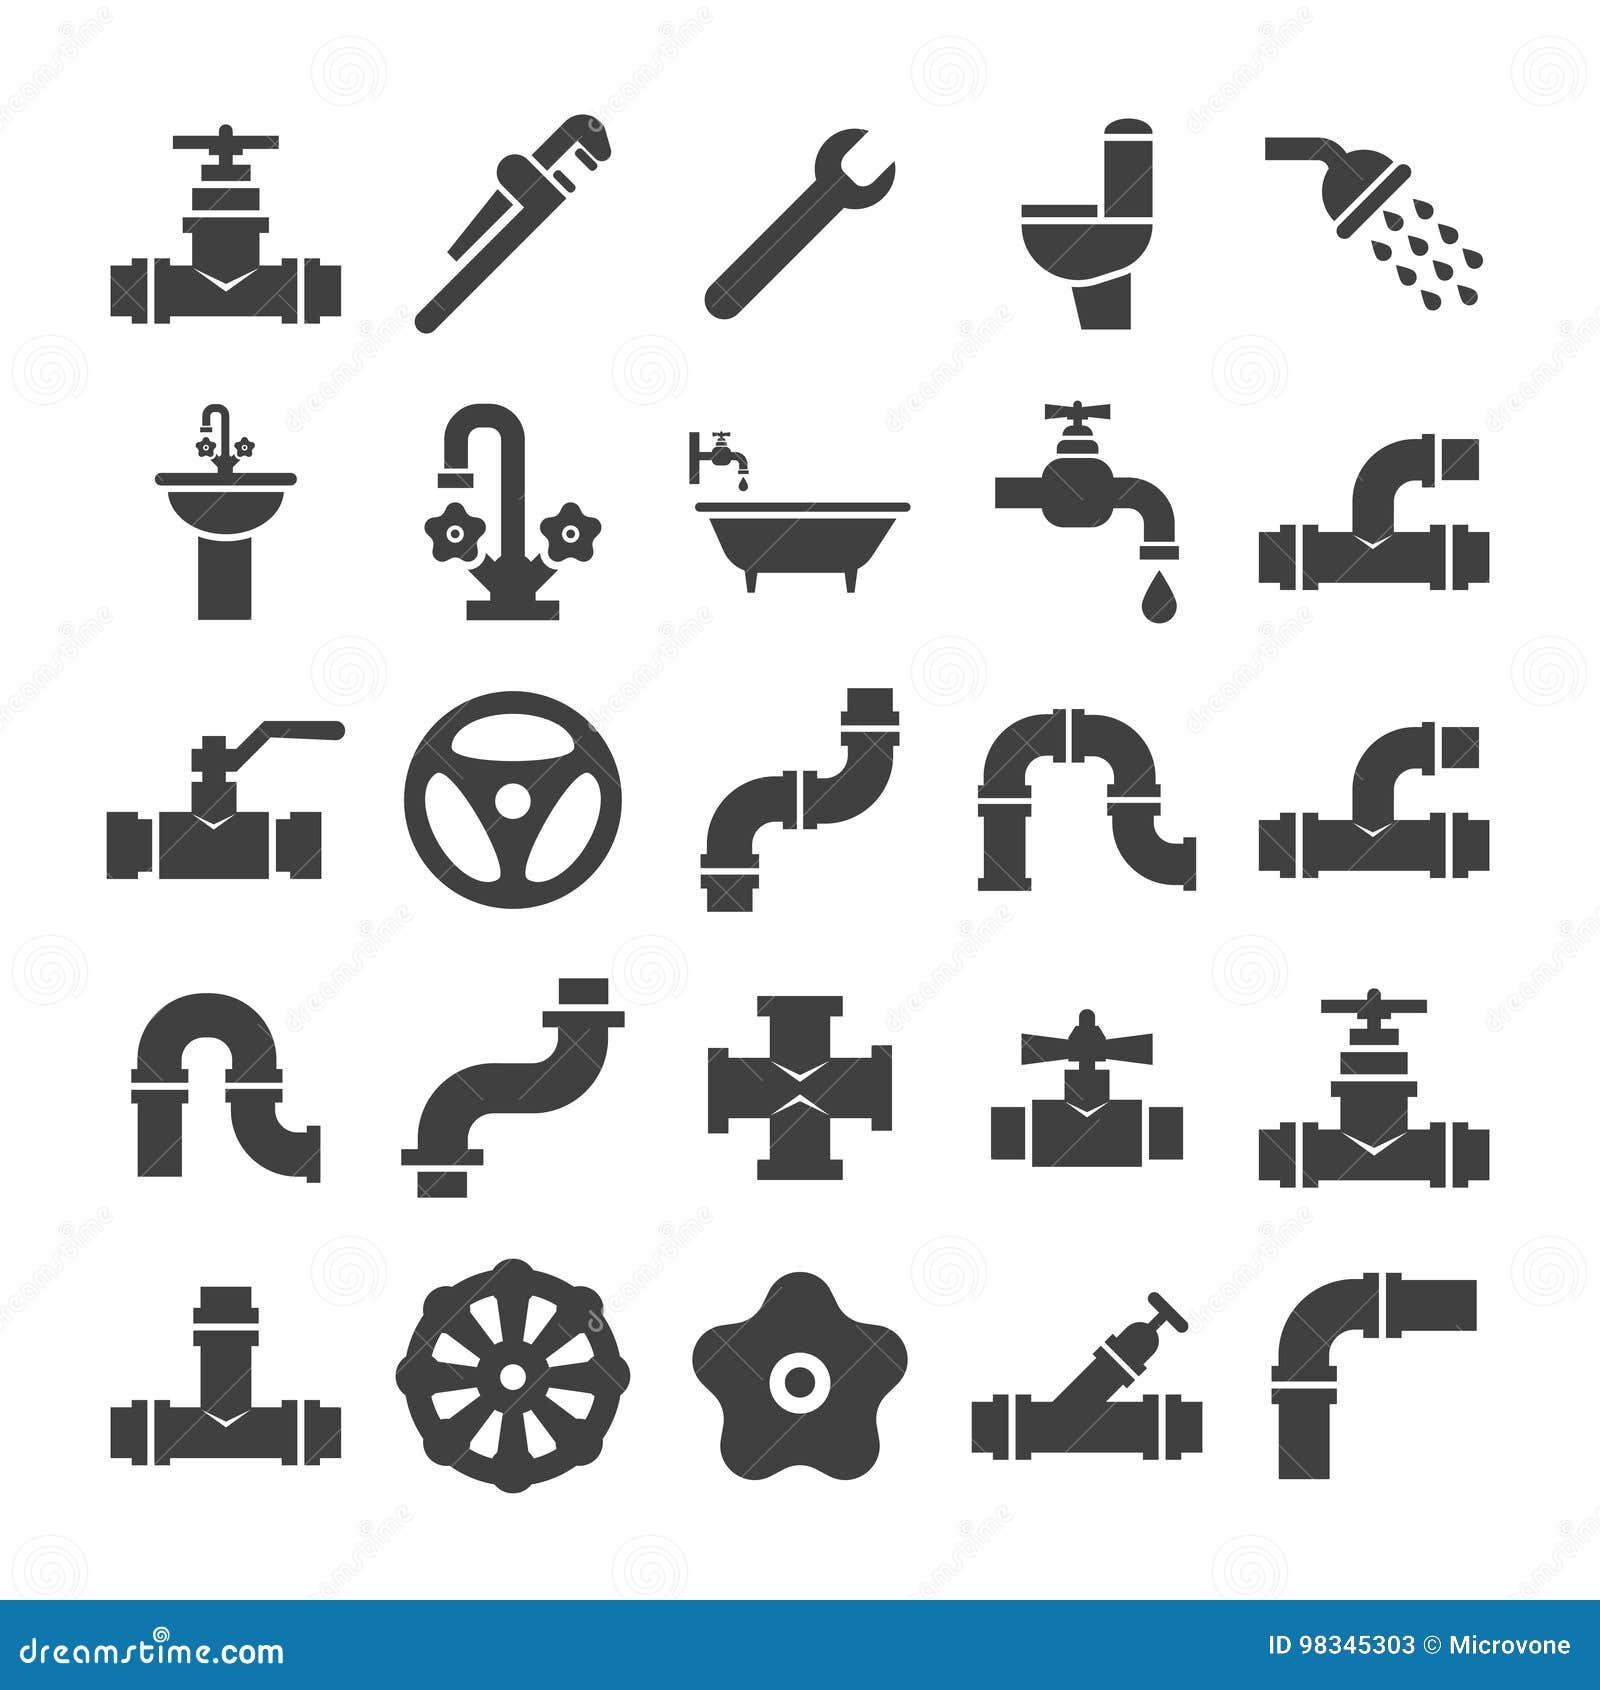 L ingegneria sanitaria, la valvola, il tubo, servizio dell impianto idraulico obietta la raccolta delle icone